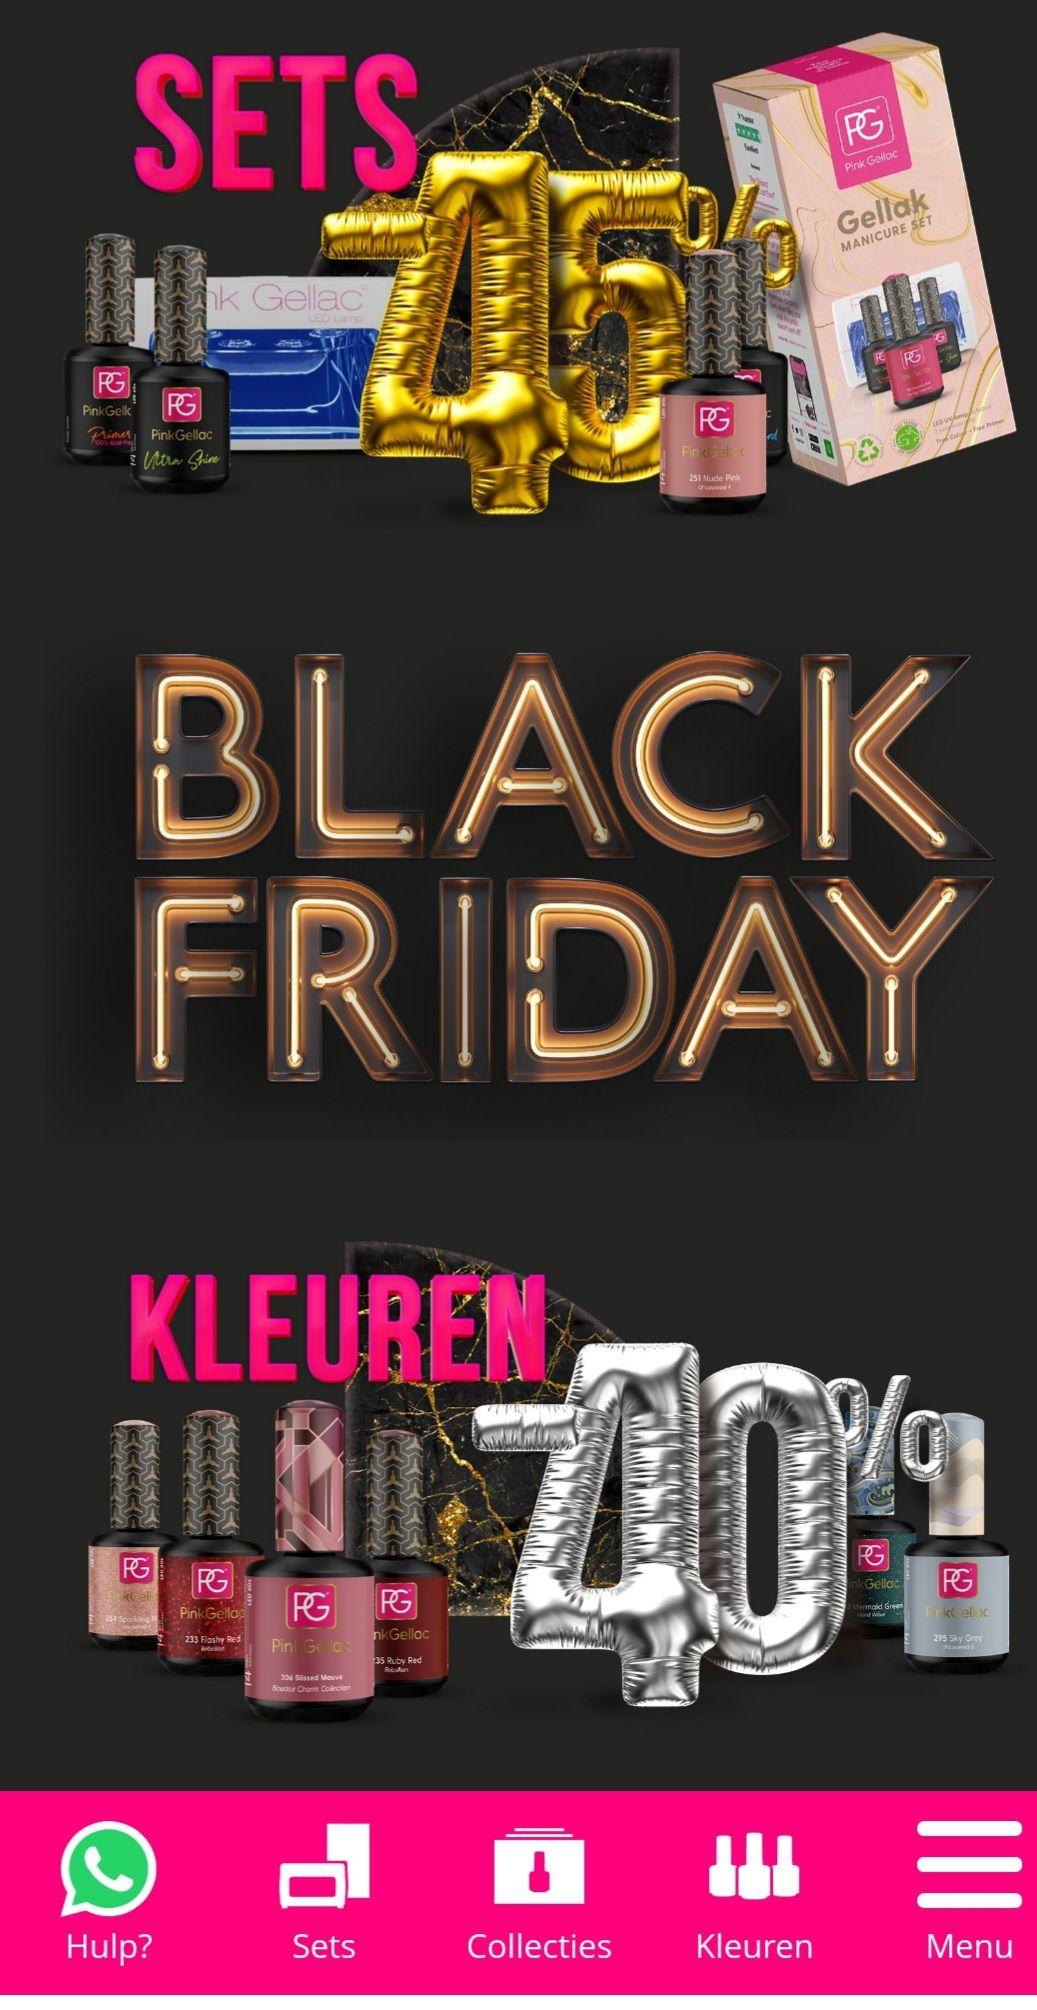 Pink Gellac Black Friday korting